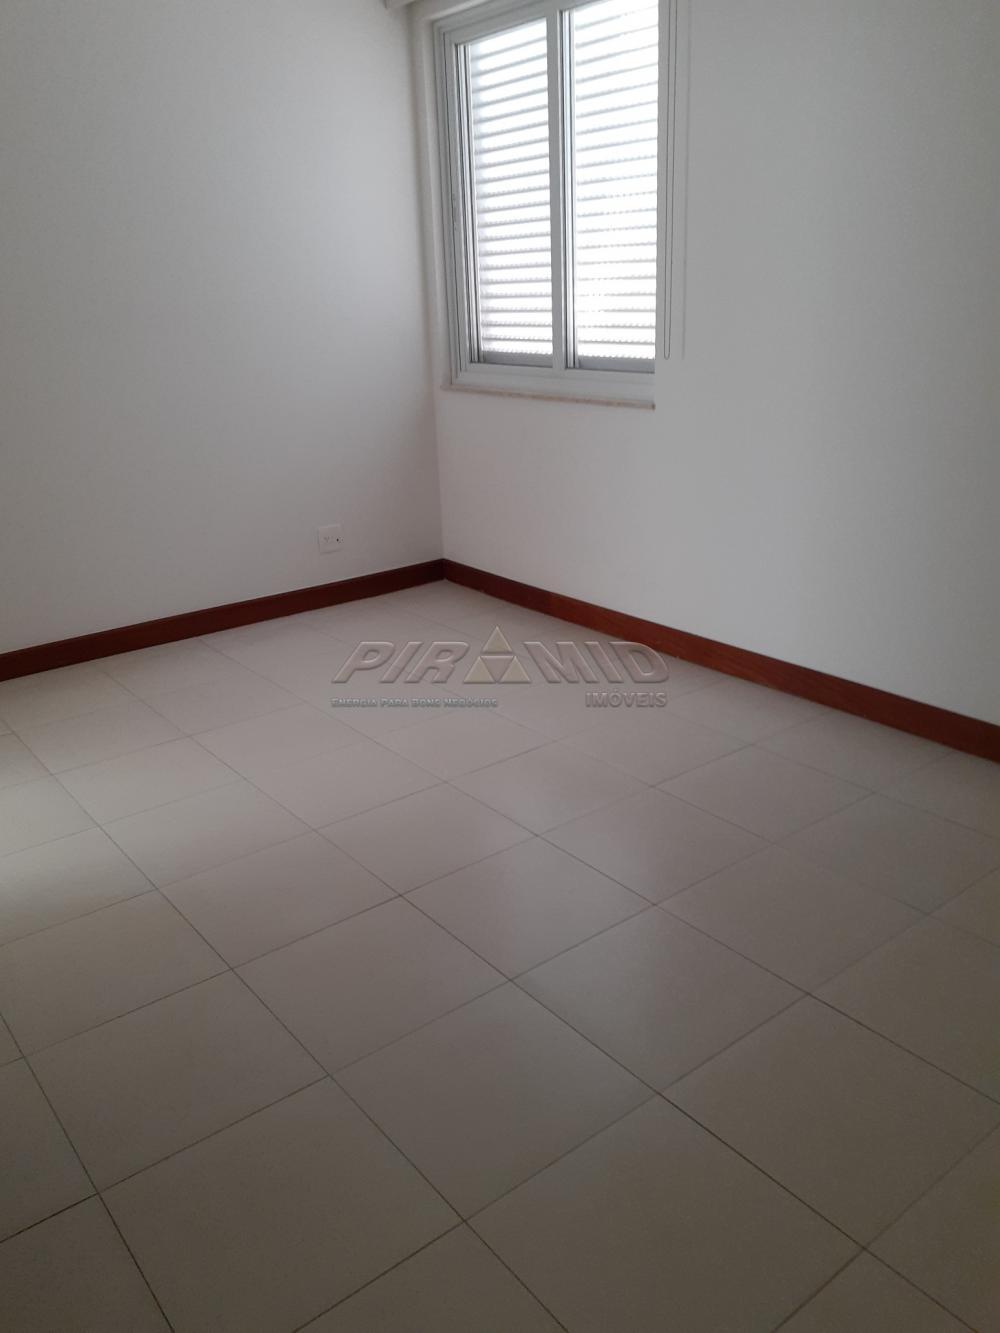 Comprar Casa / Condomínio em Ribeirão Preto apenas R$ 4.800.000,00 - Foto 30